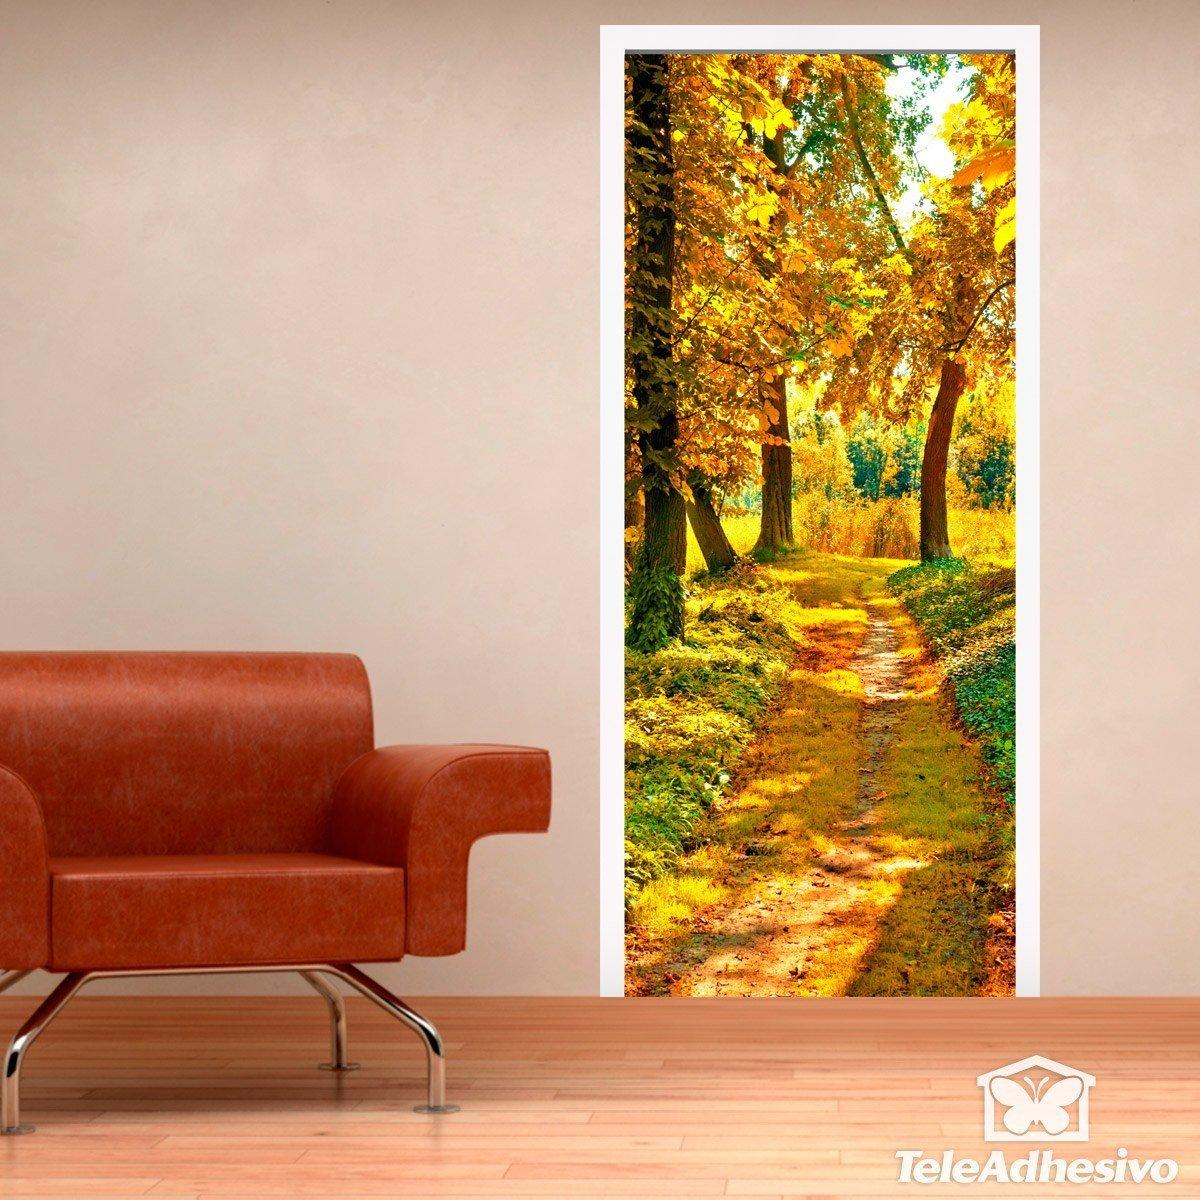 vinilos de puertas para tu hogar en teleadhesivo